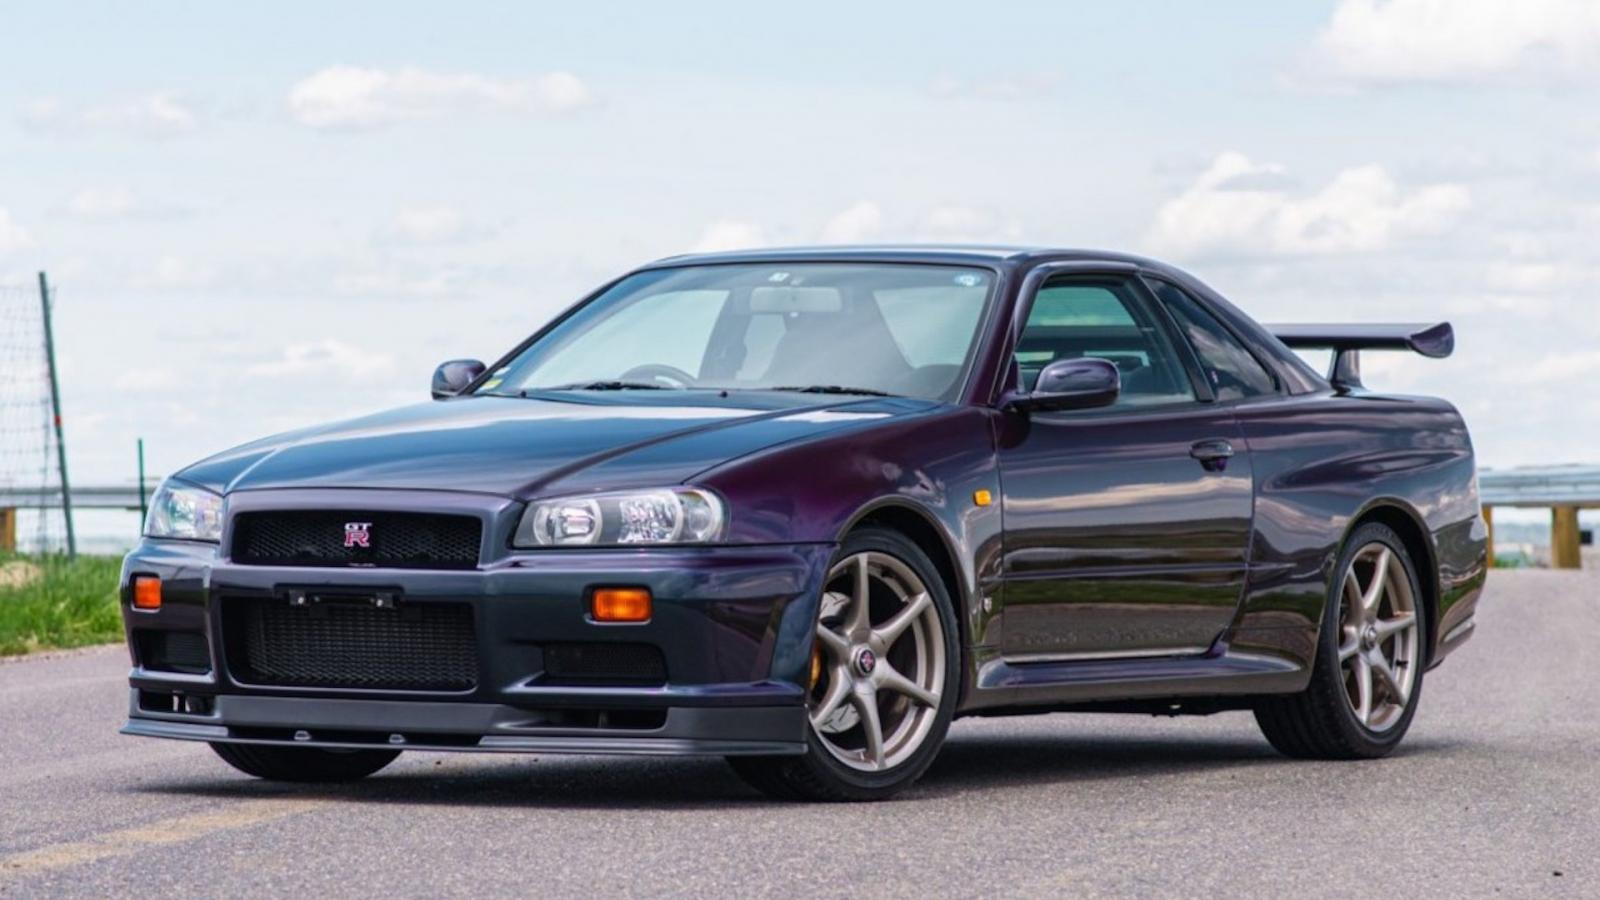 Cận cảnh hàng hiếm Nissan Skyline GT-R với chỉ 30 chiếc được xuất xưởng